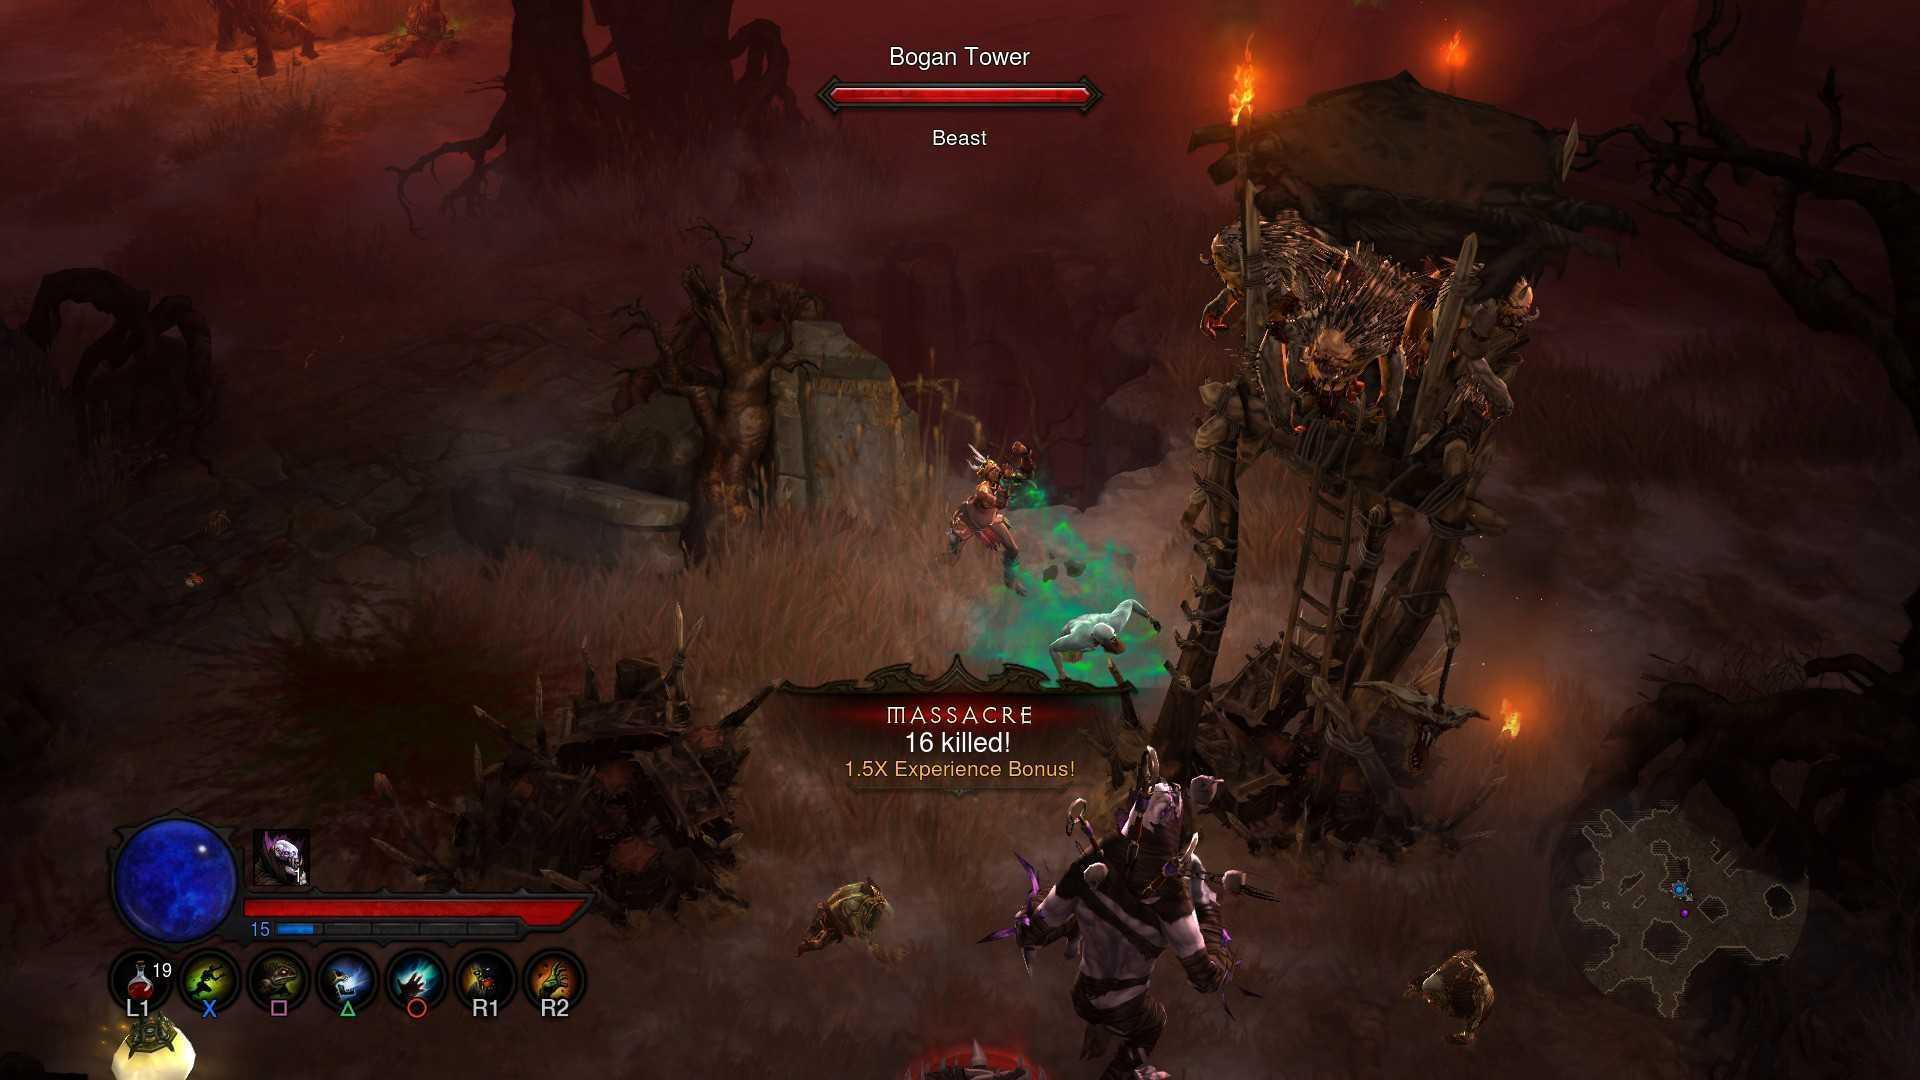 Diablo III: Battle Chest (Diablo 3 + Reaper of Souls) 2019